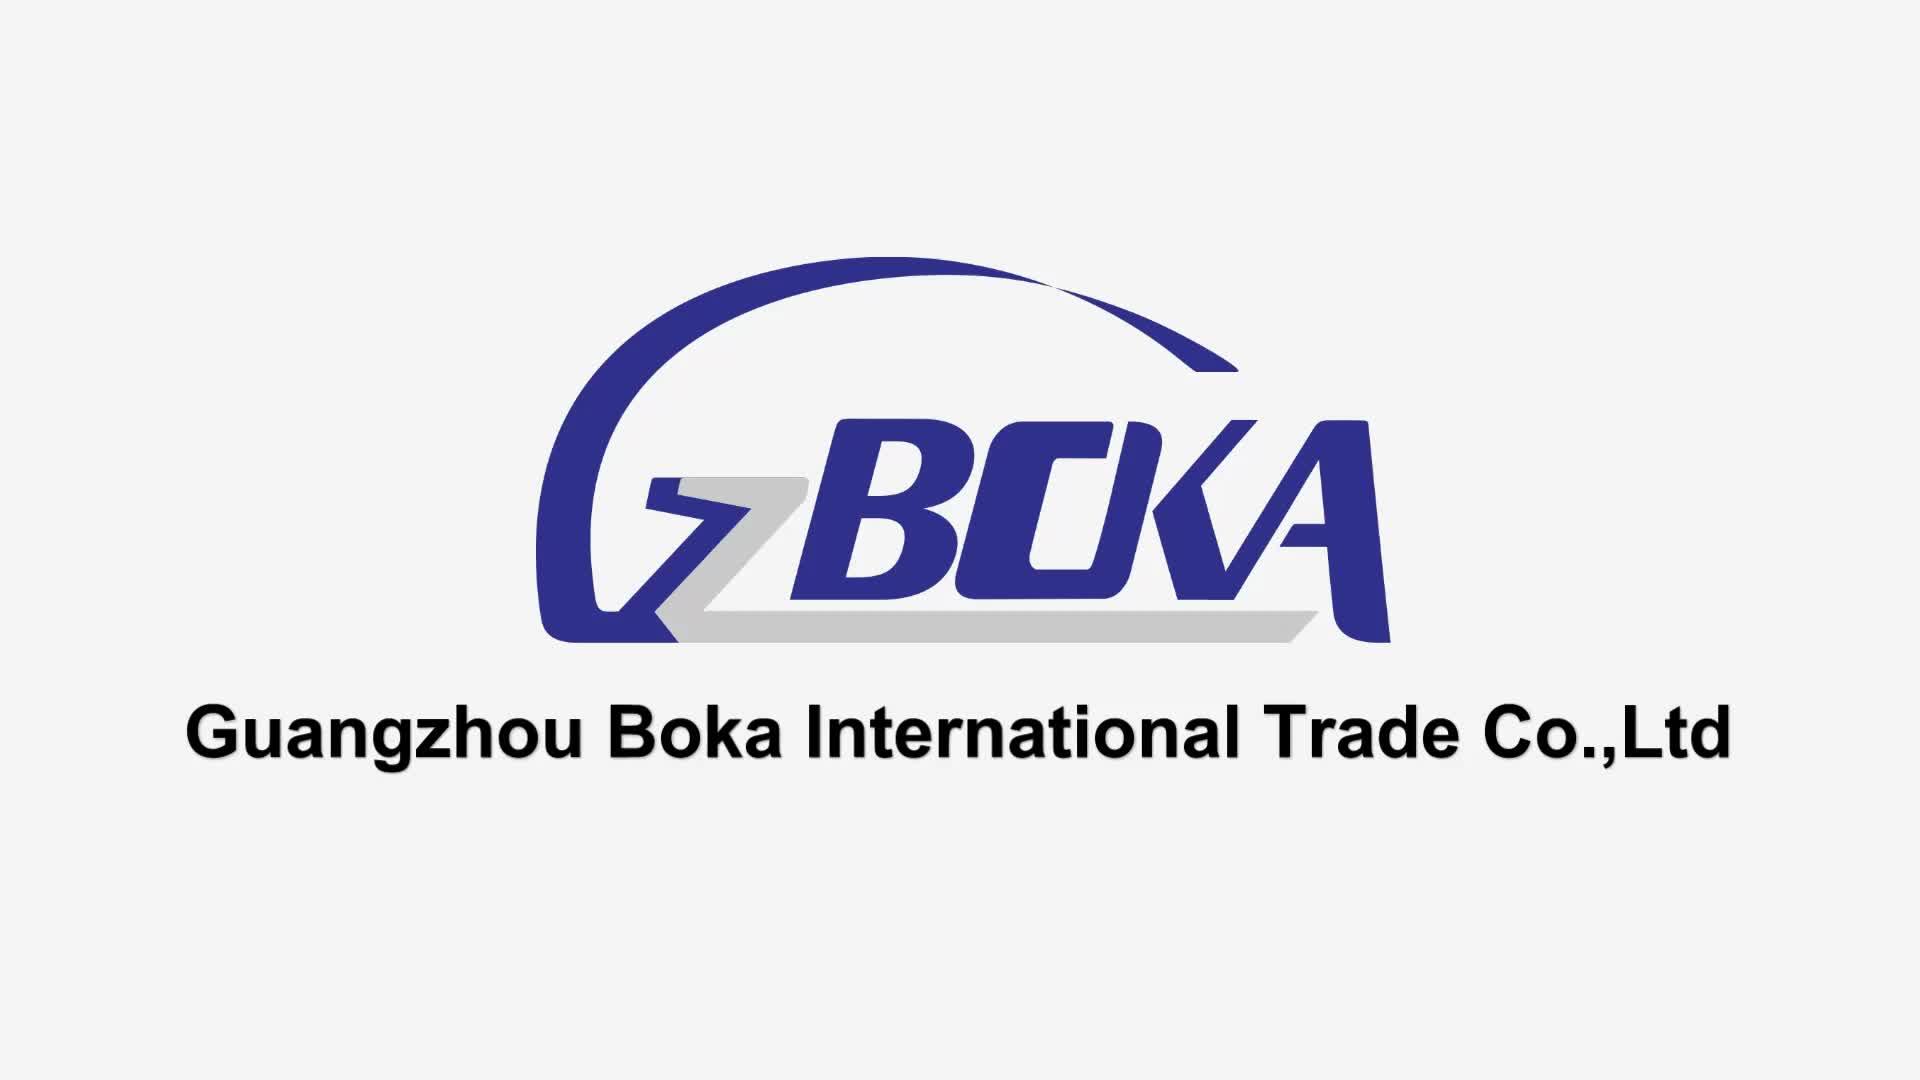 GZBOKA โรงงานขายส่งปรับแต่งการฝึกอบรมบาสเกตบอลเสื้อบาสเก็ตสวมใส่